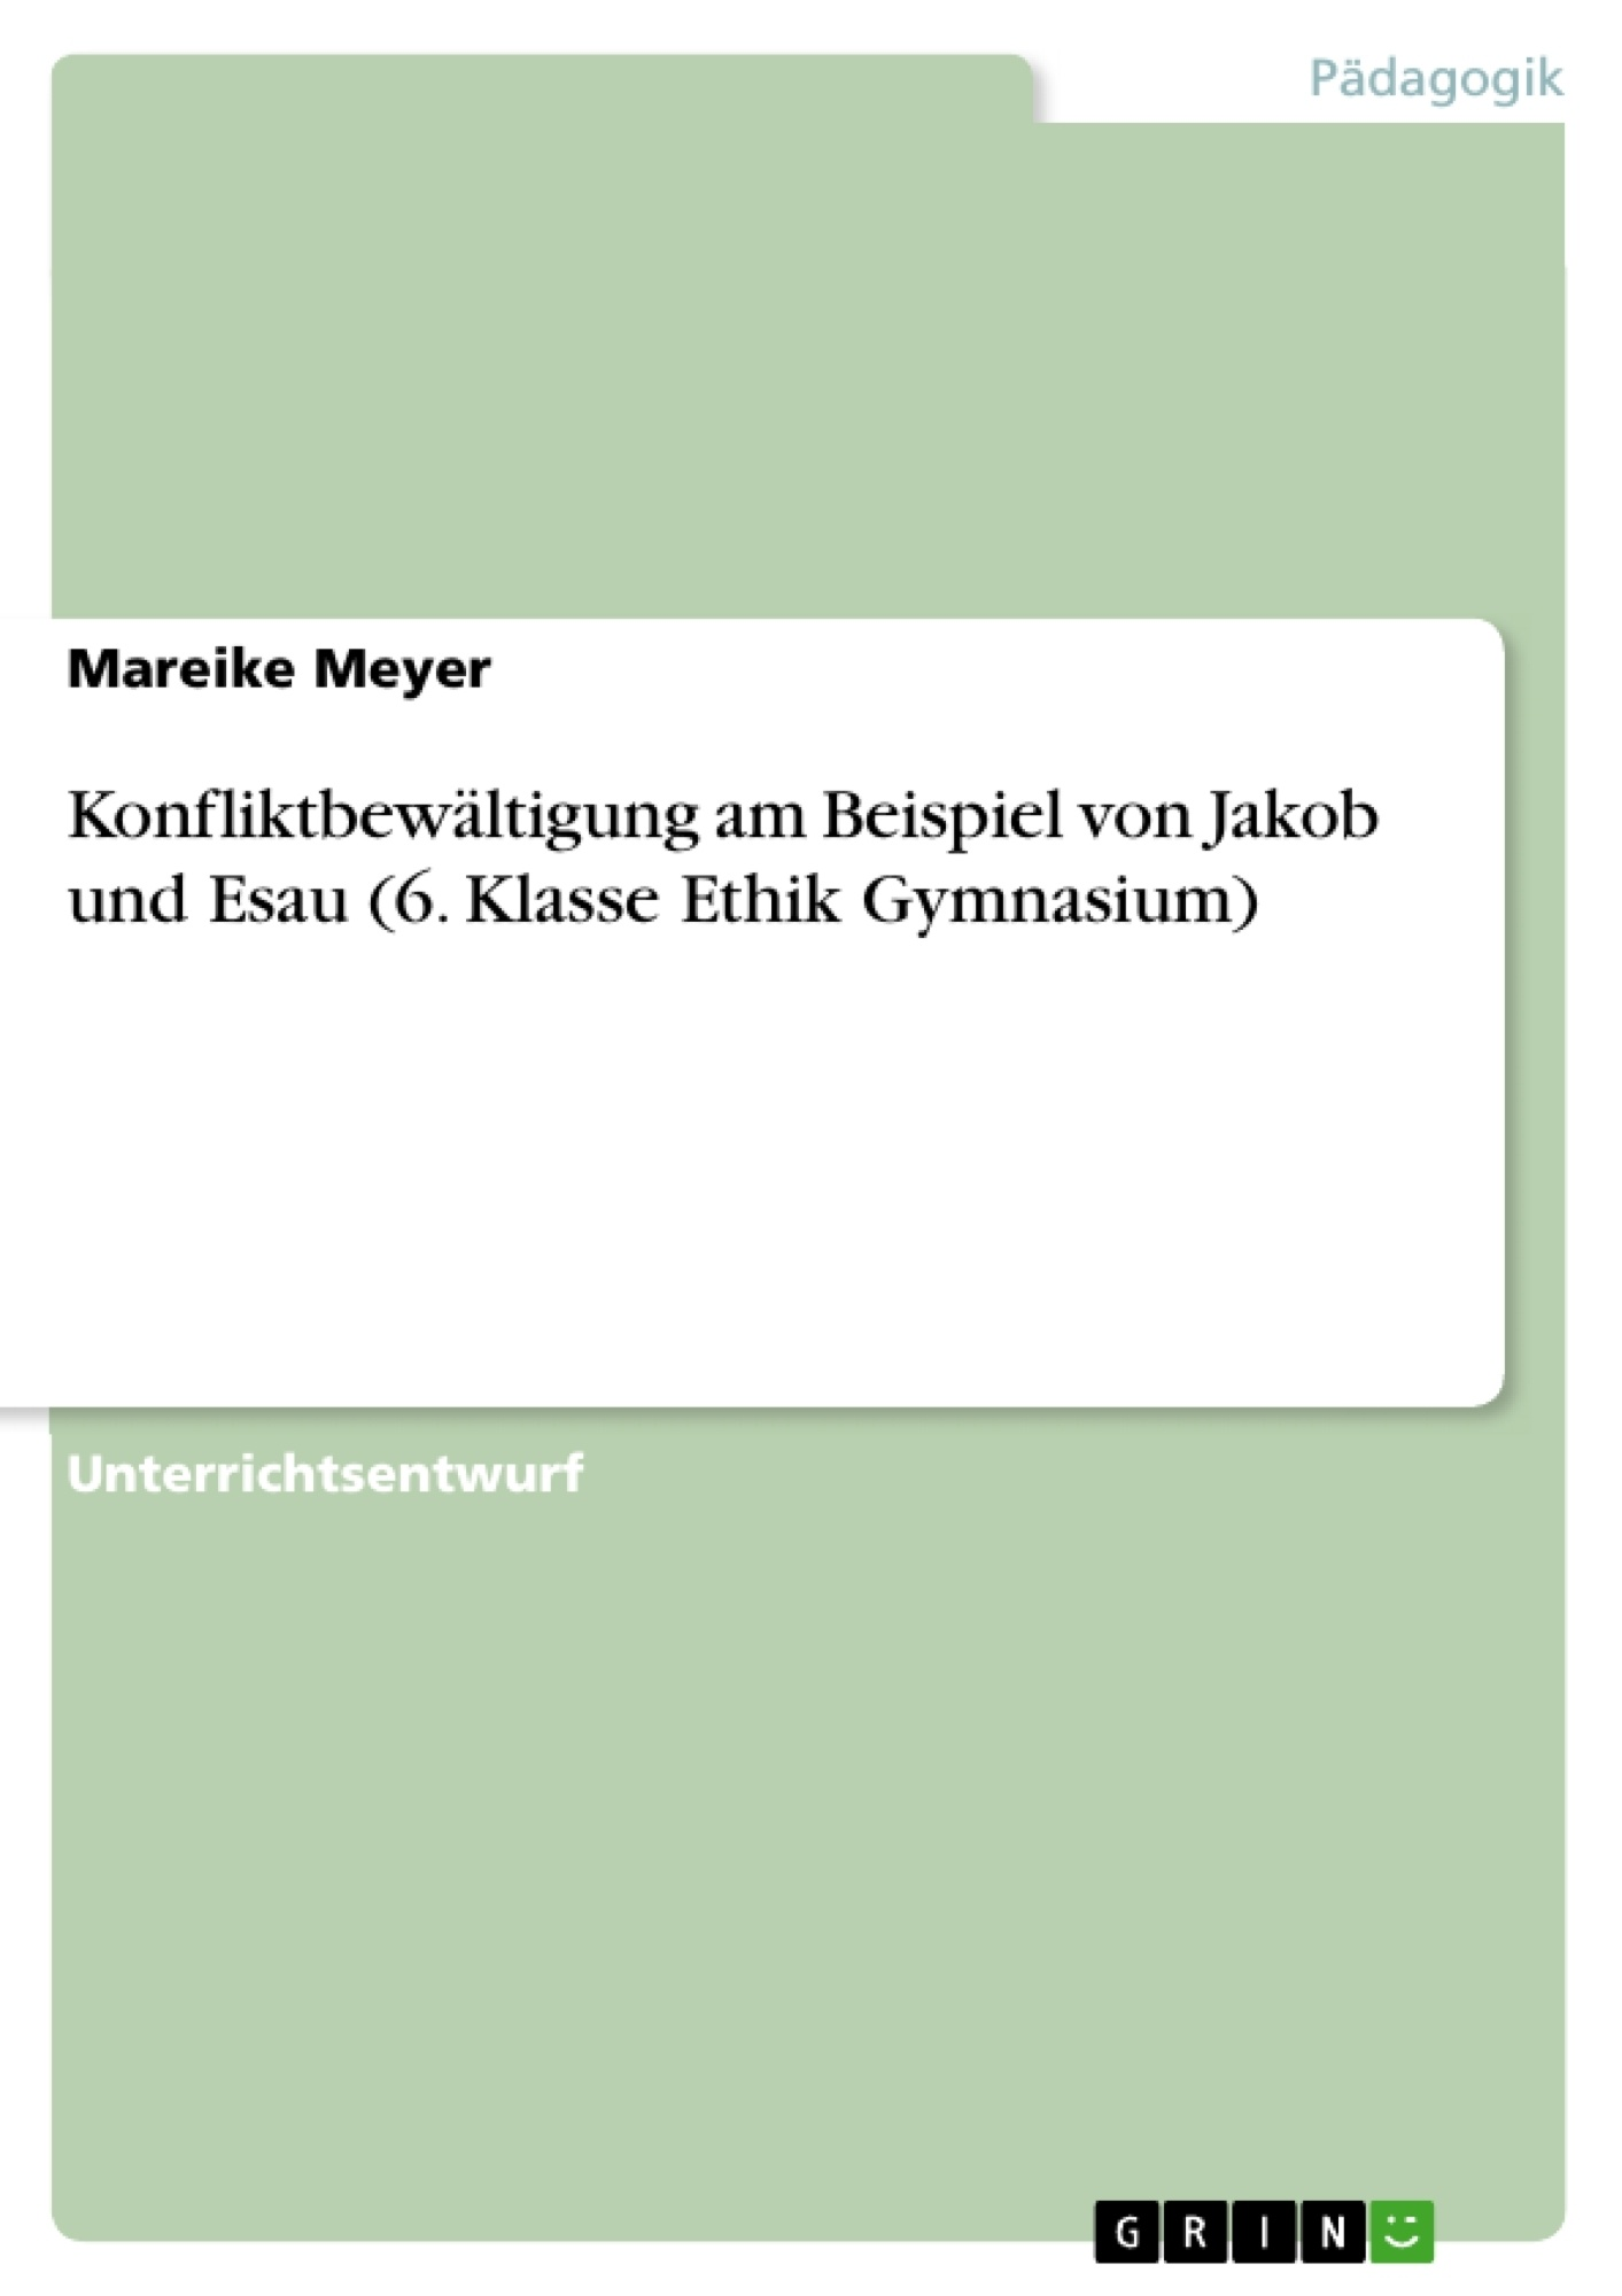 Titel: Konfliktbewältigung am Beispiel von Jakob und Esau (6. Klasse Ethik Gymnasium)